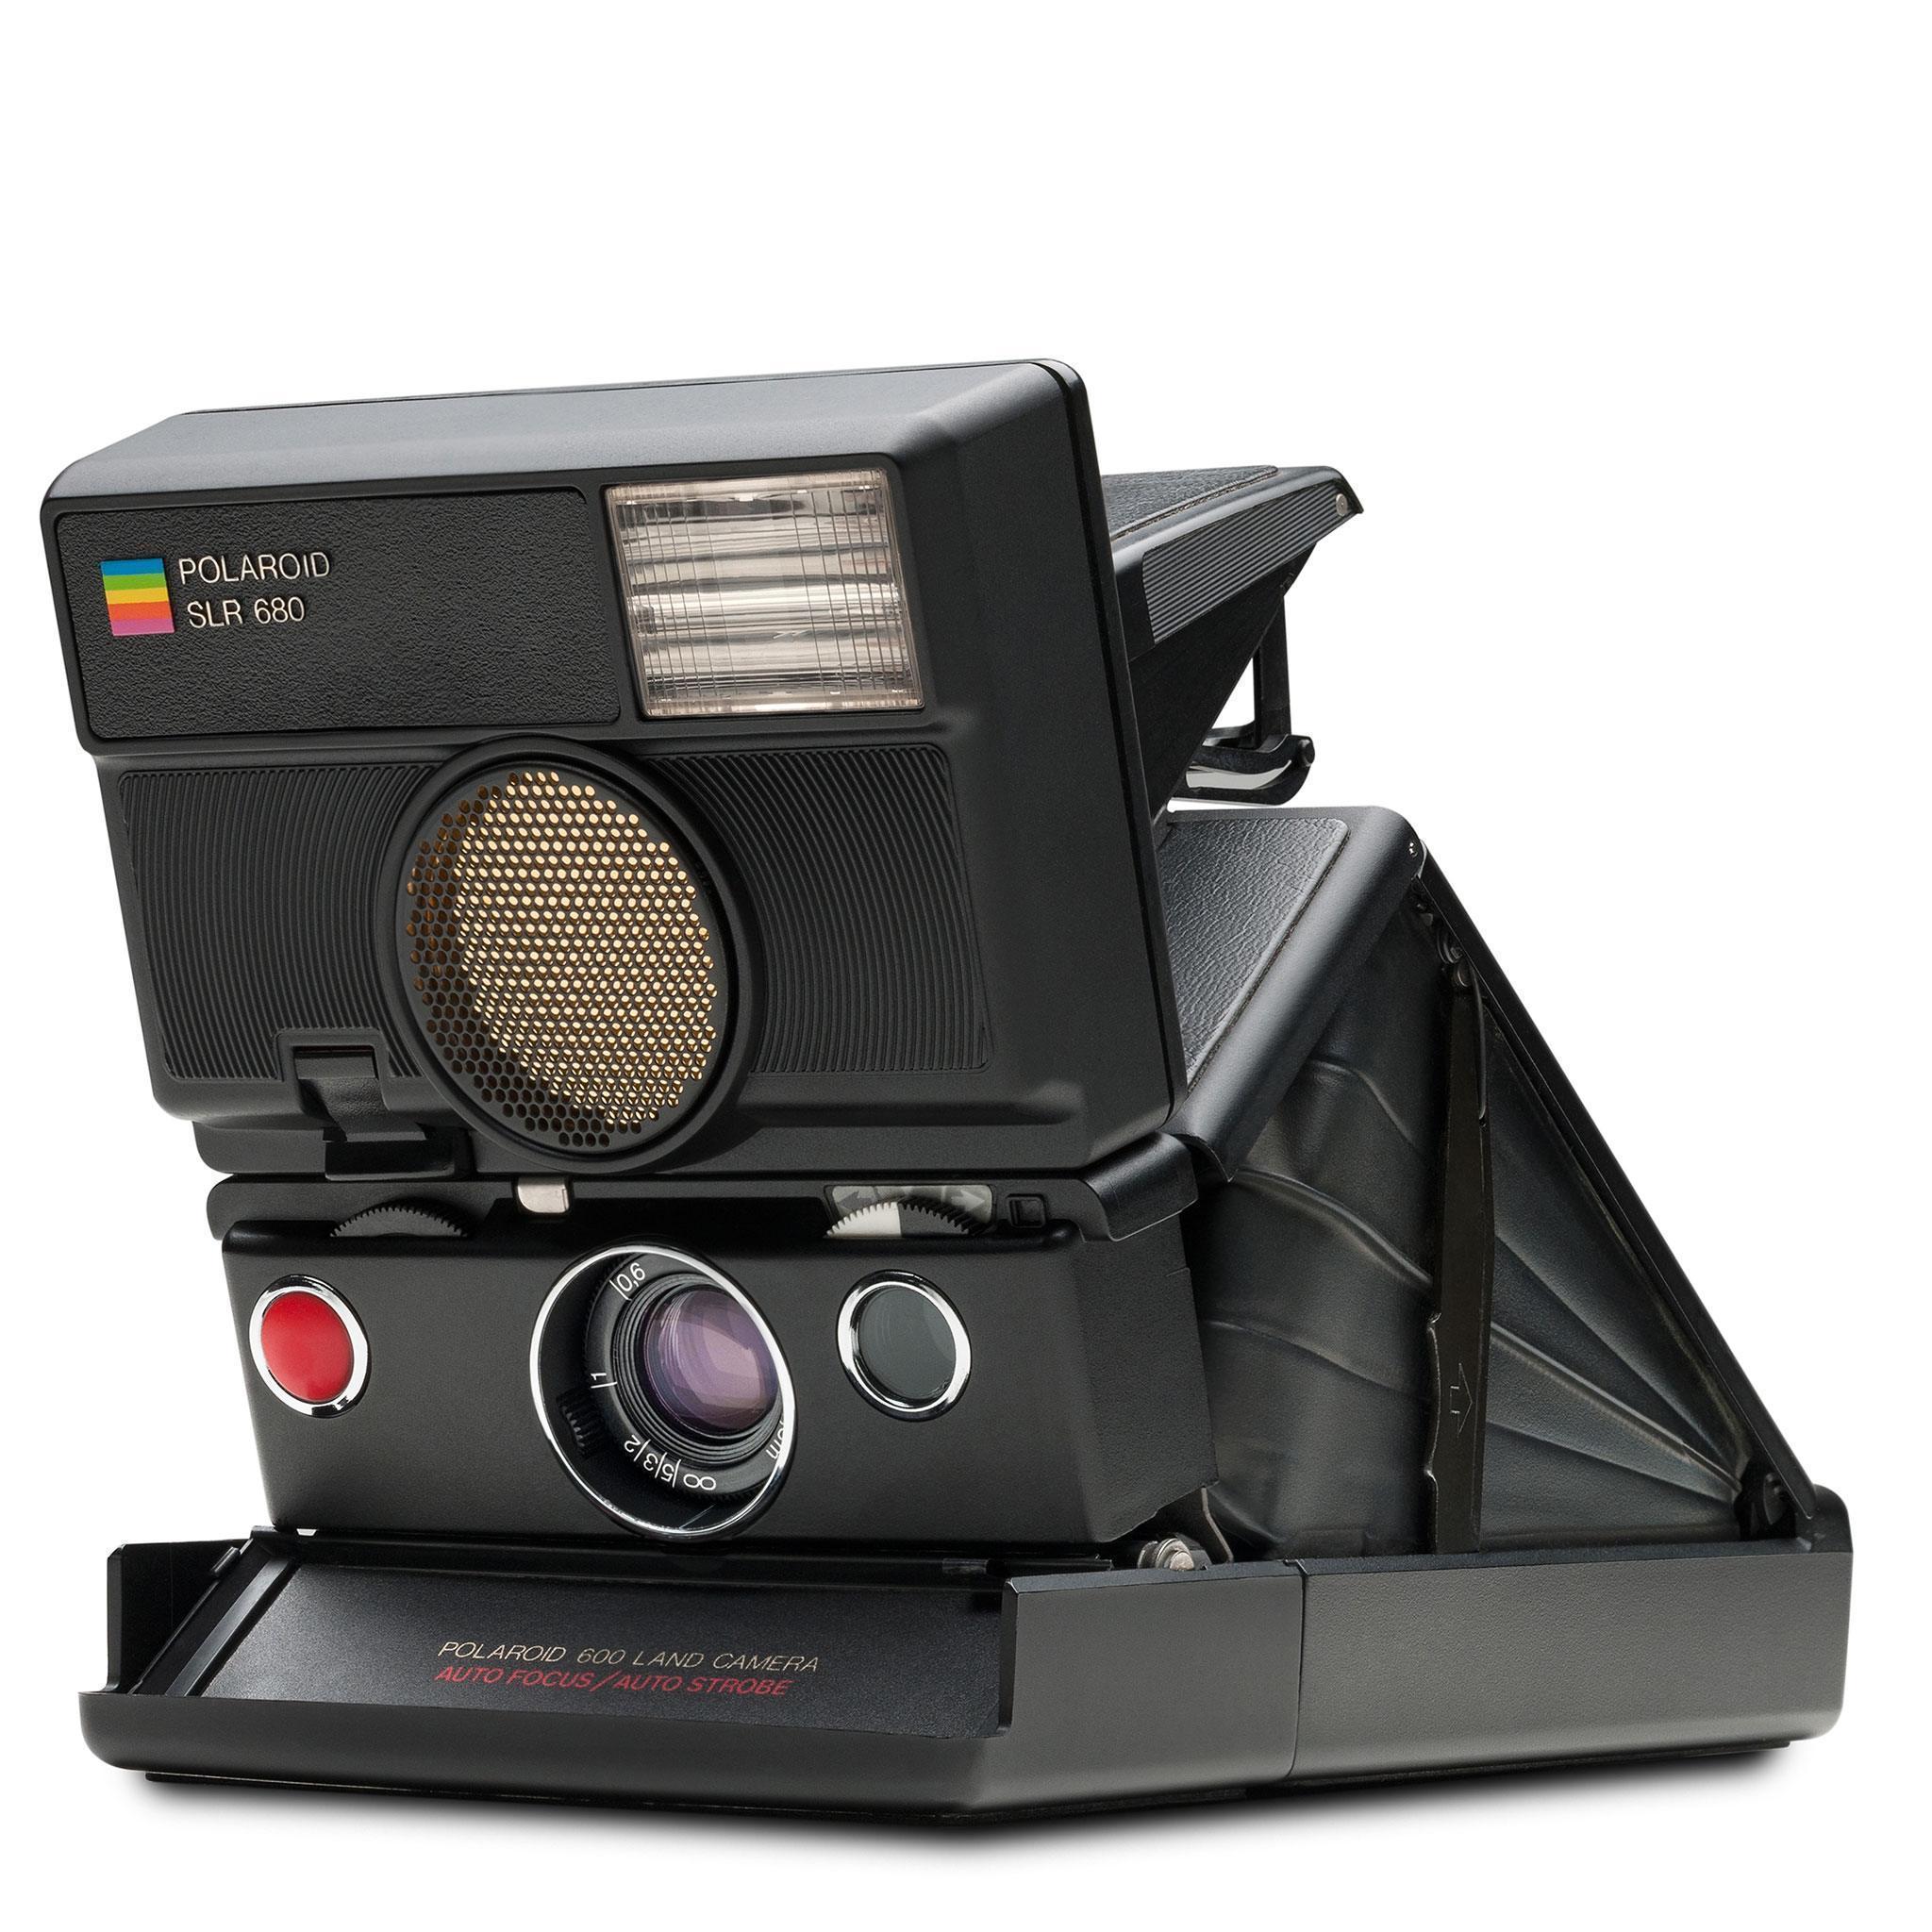 polaroid-600-camera-slr680-004705-angle.jpg